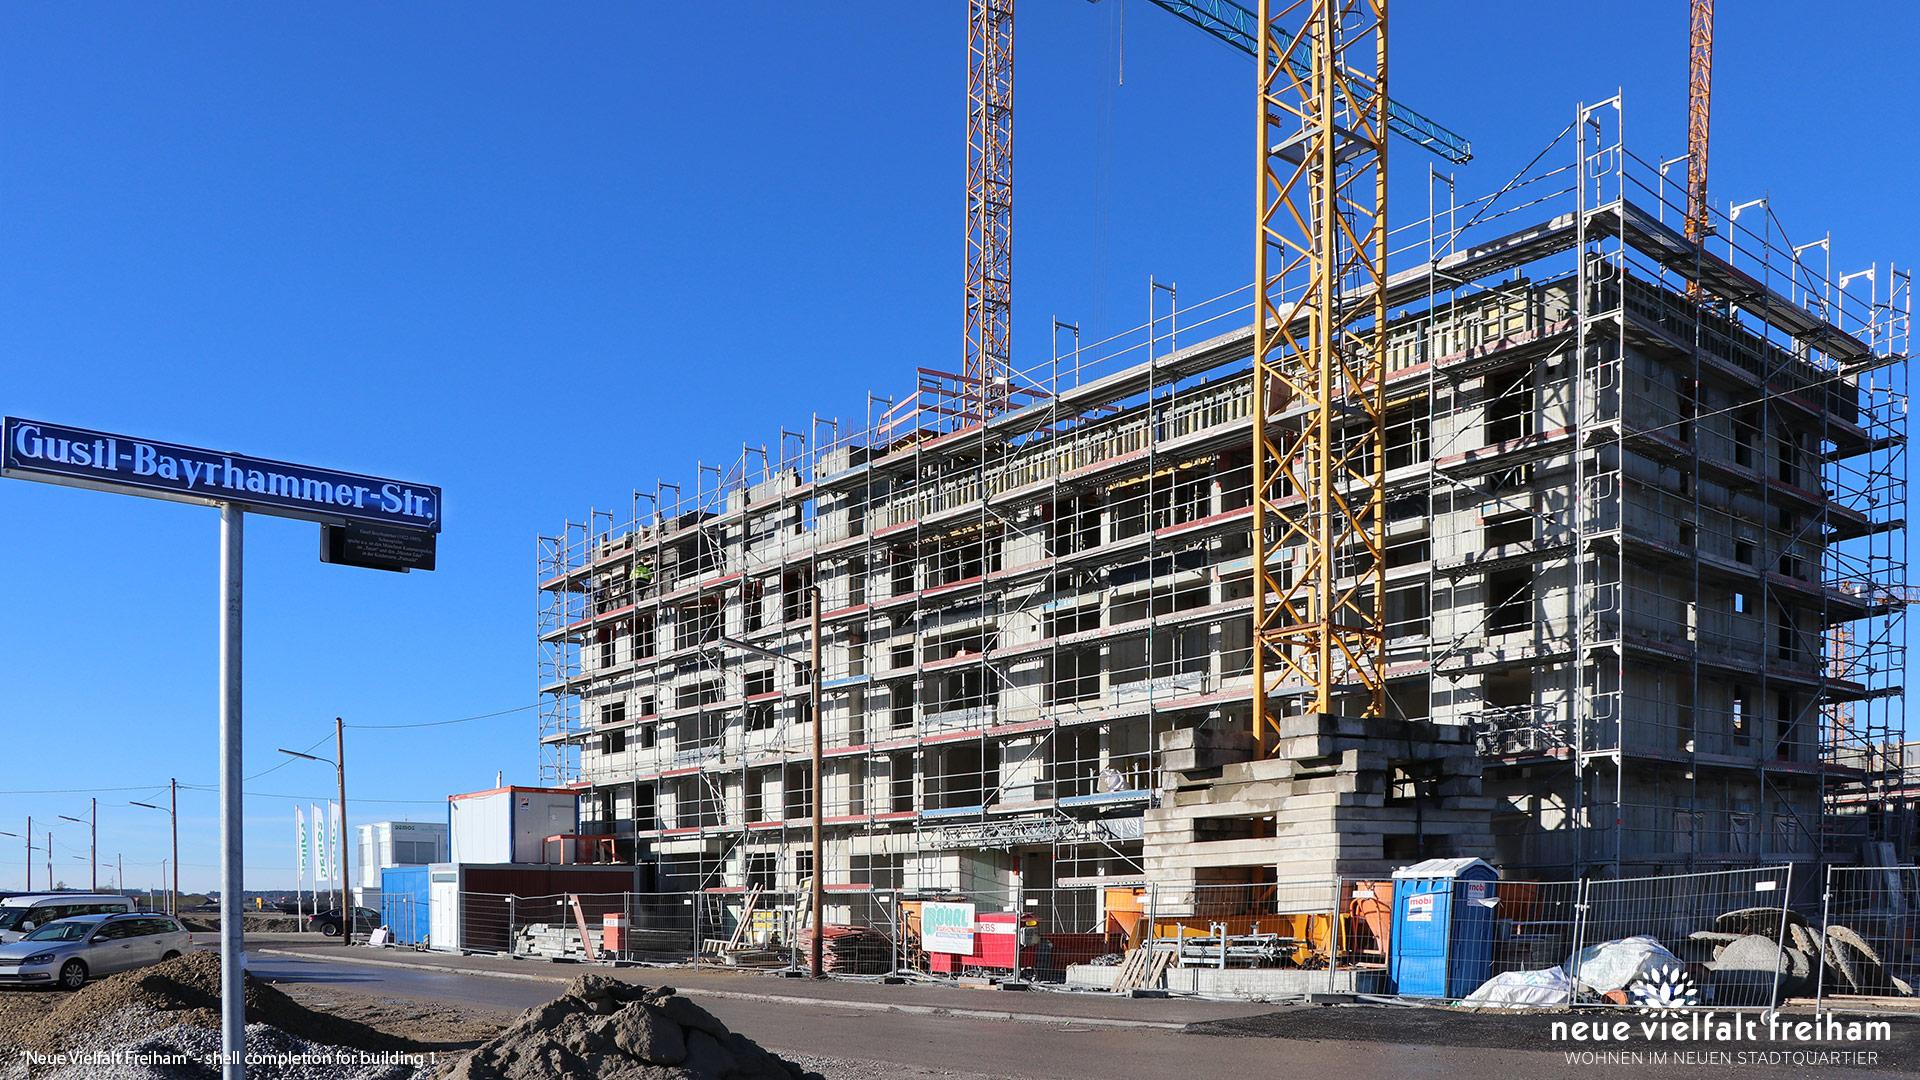 """""""Neue Vielfalt Freiham"""" in Munich-Freiham: Shell completion for building 1"""